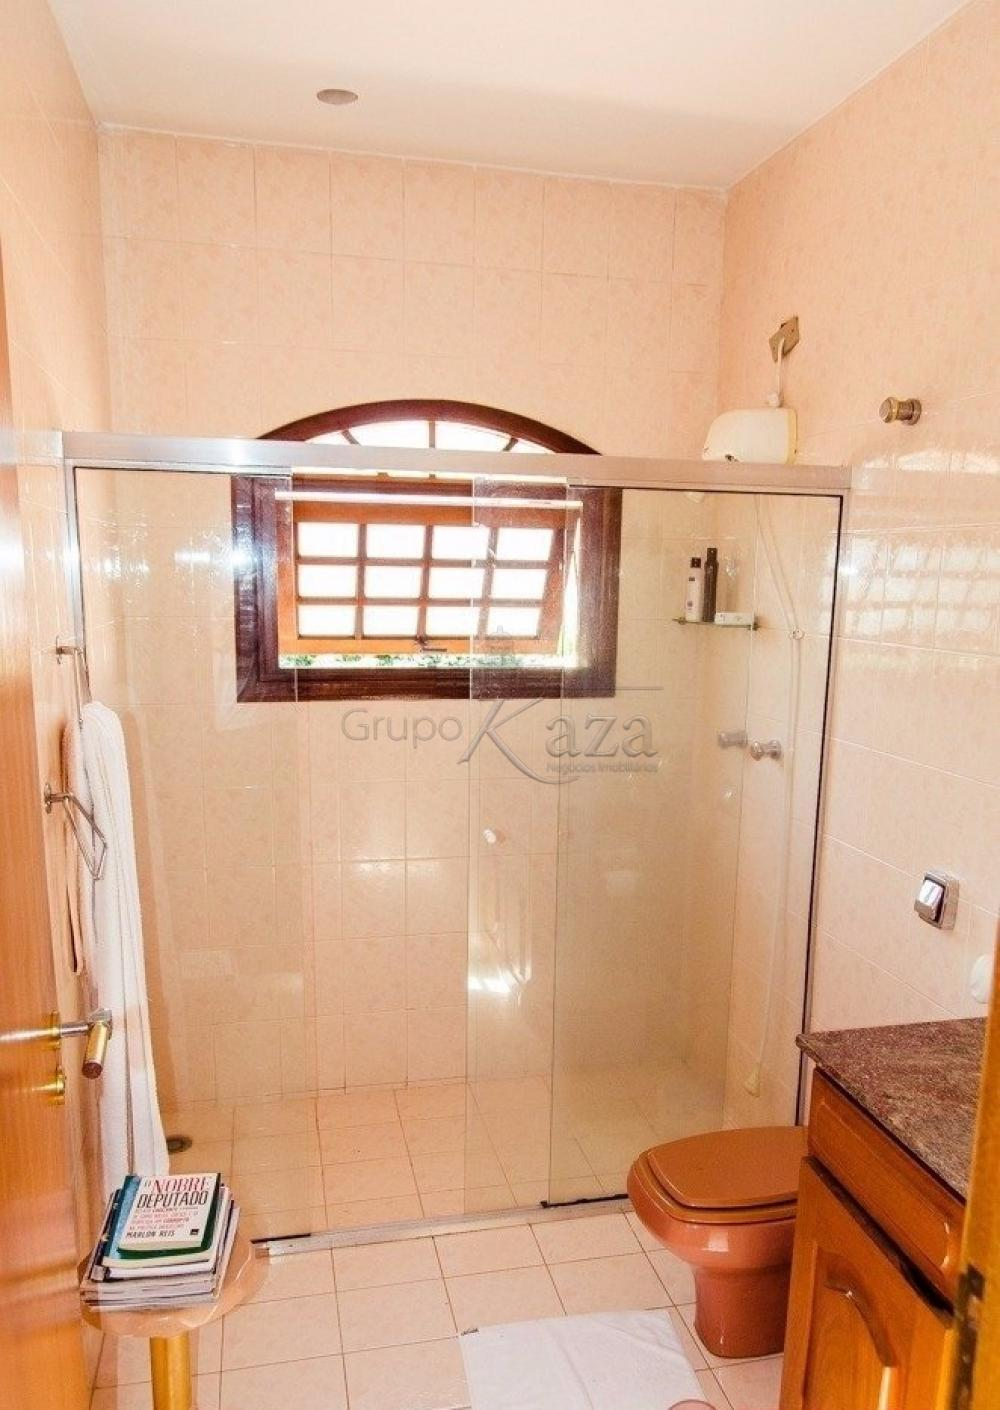 Alugar Casa / Condomínio em Jacareí apenas R$ 2.800,00 - Foto 12